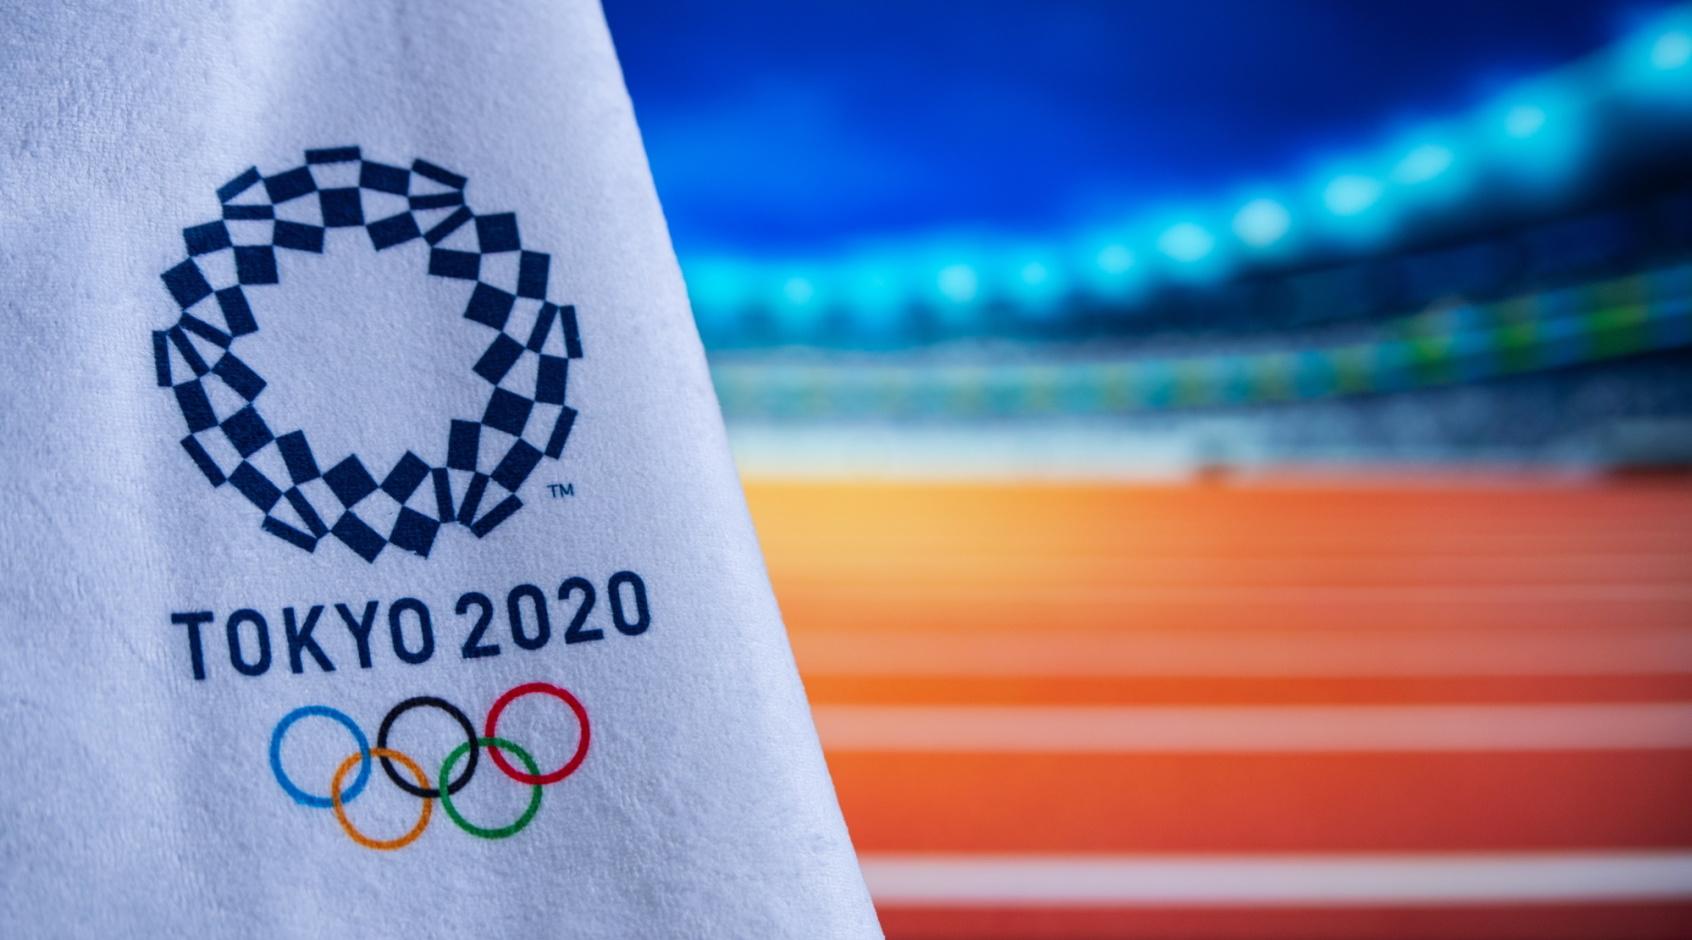 Футбольный турнир Олимпиады-2020. Технологии, коронавирус, звезды и фавориты